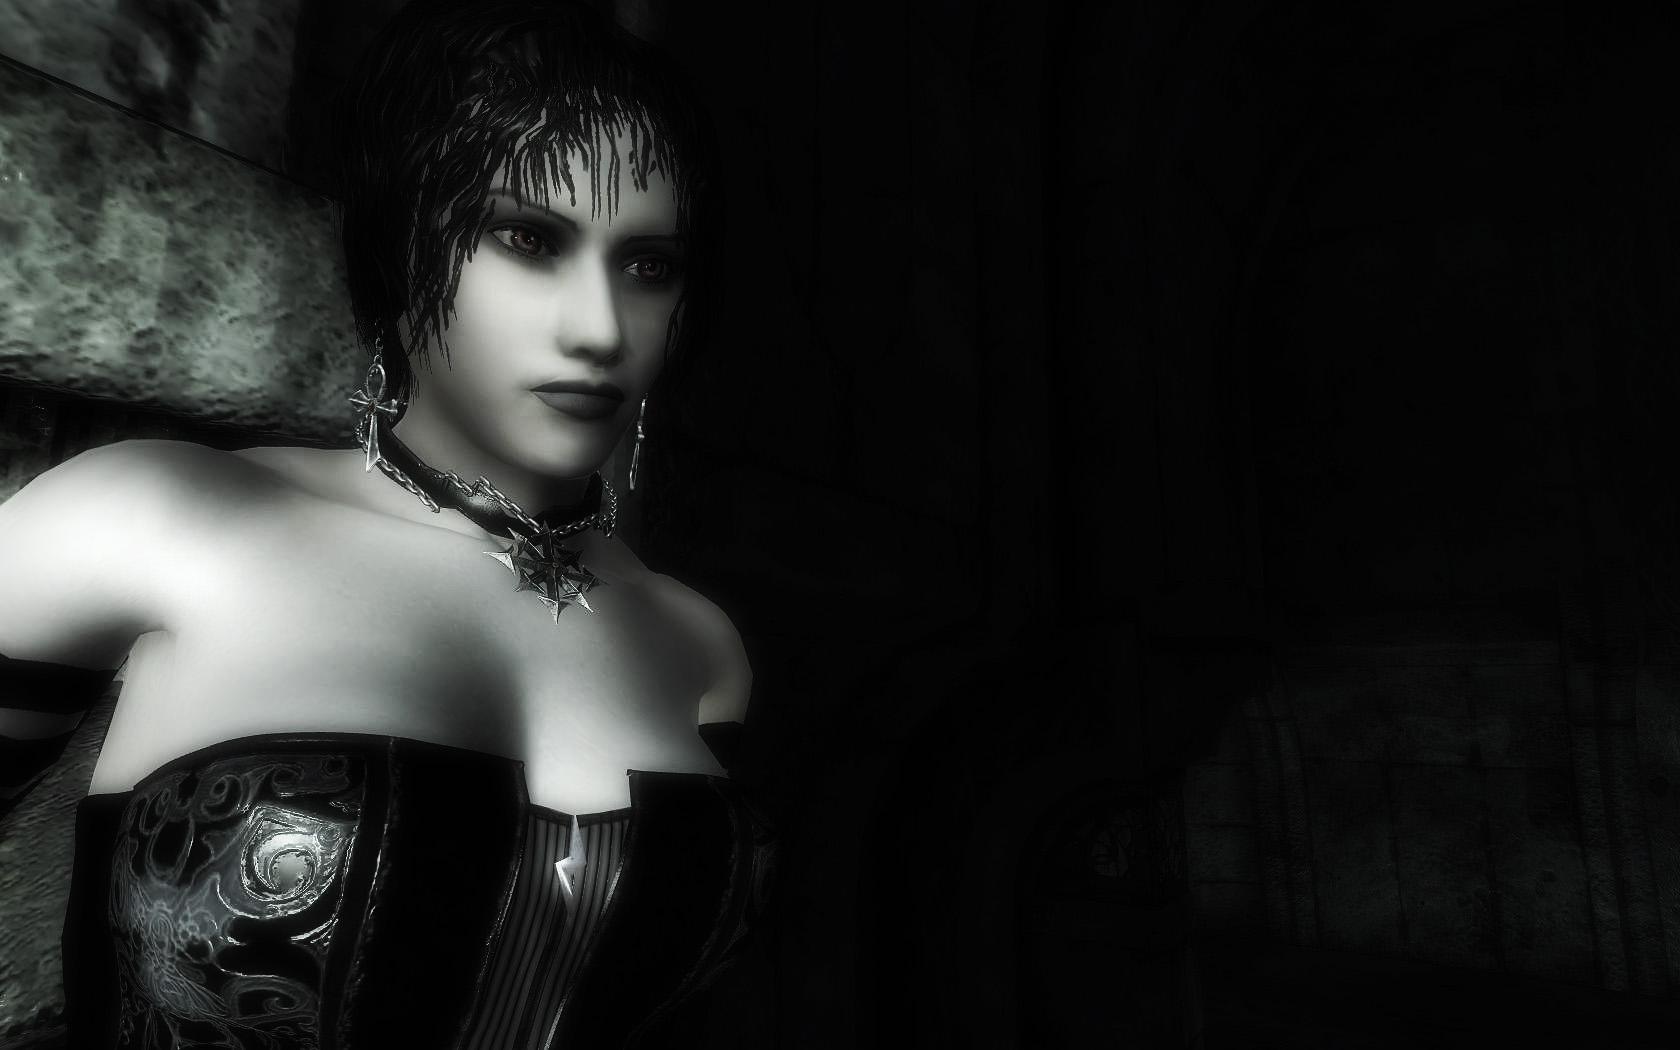 girl vampire, wallpaper, скачать фото, обои для рабочего стола